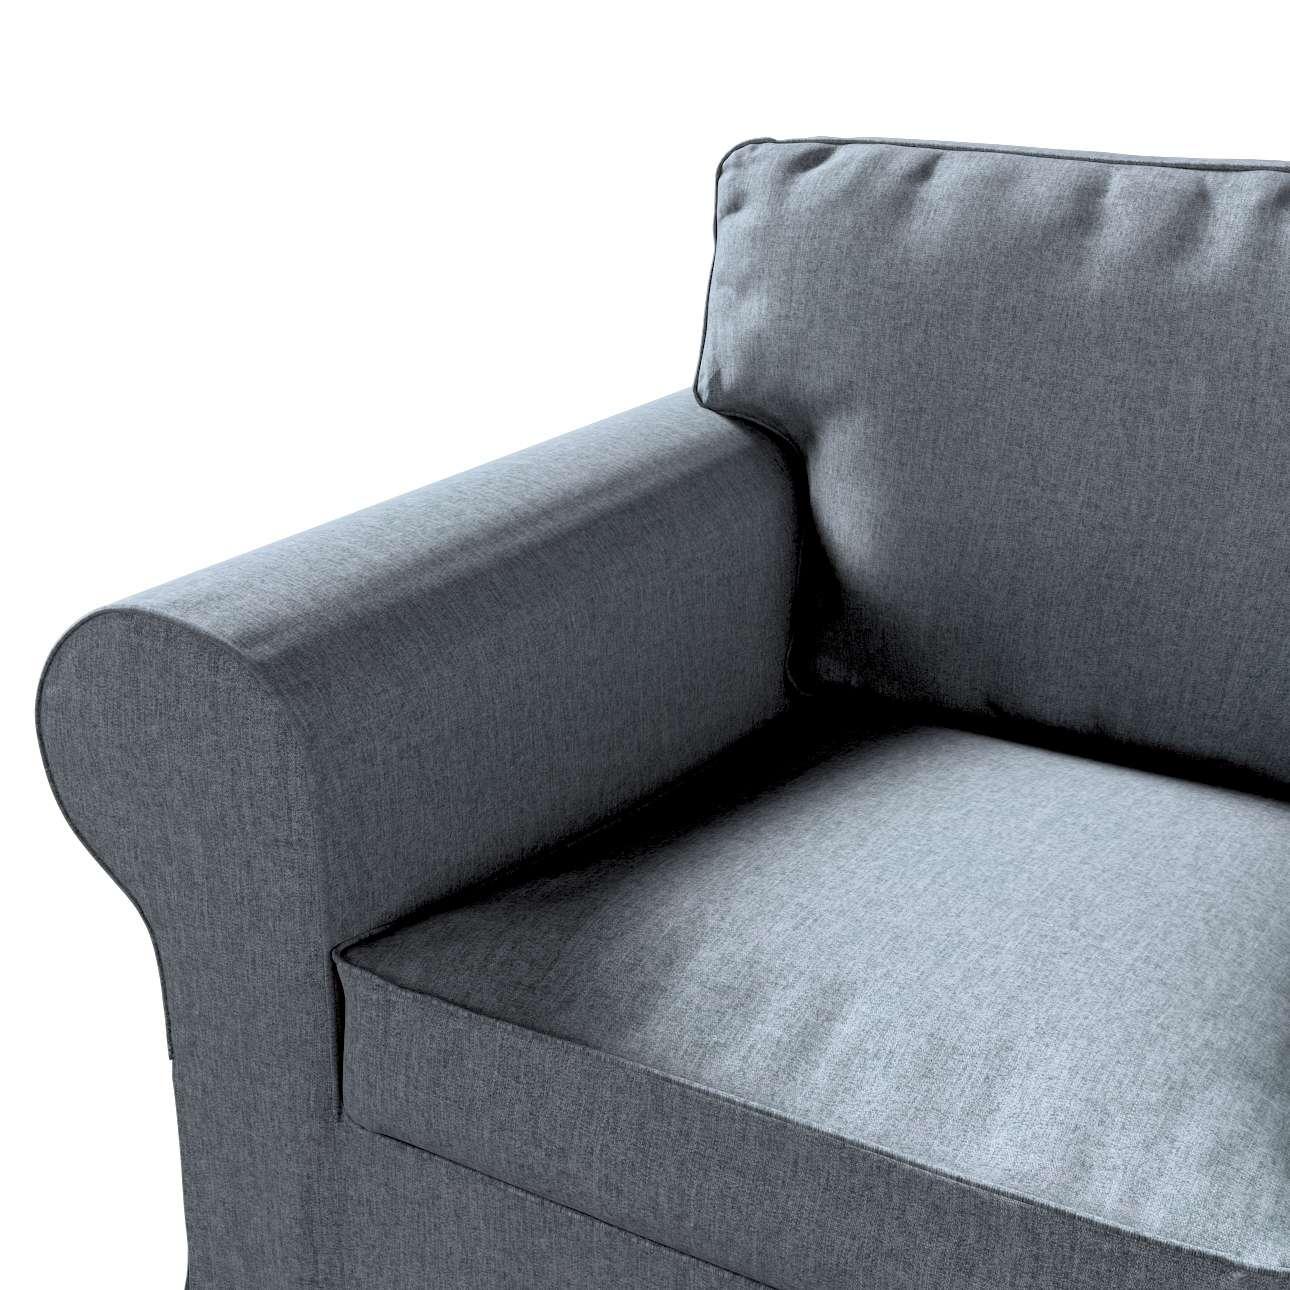 Pokrowiec na fotel Ektorp w kolekcji City, tkanina: 704-86